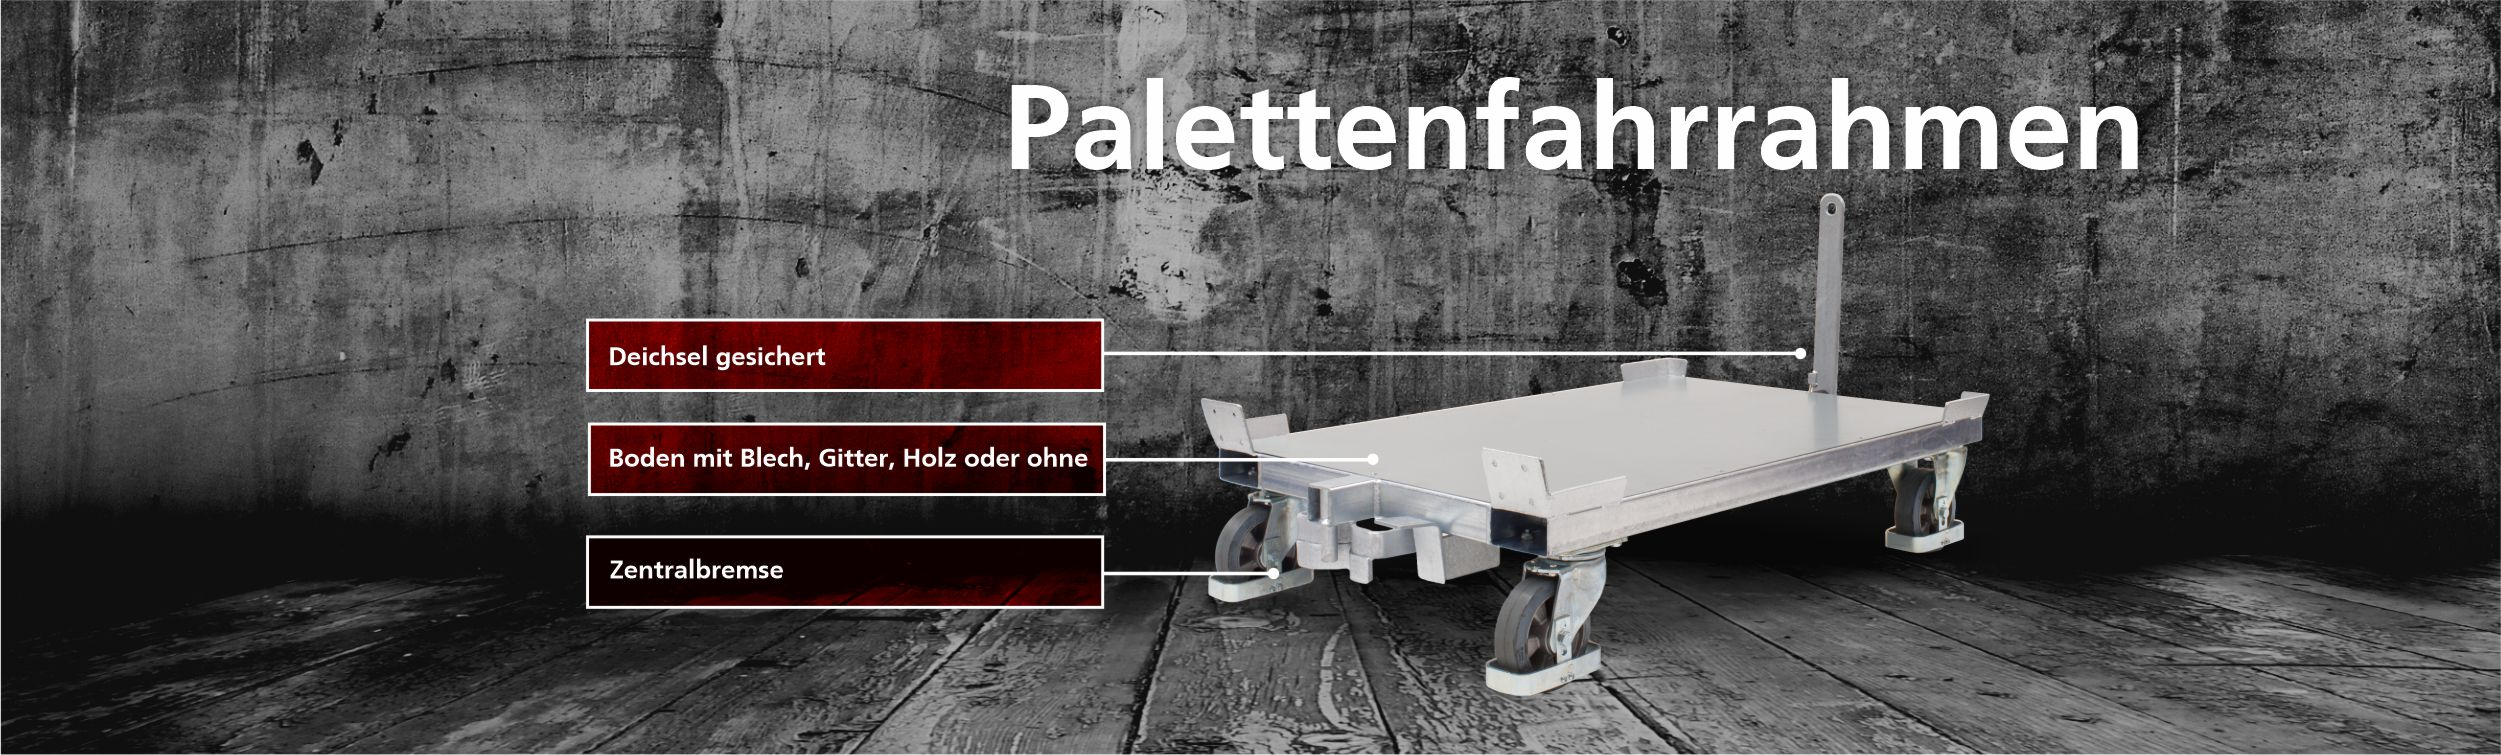 palettenfahrrahmen